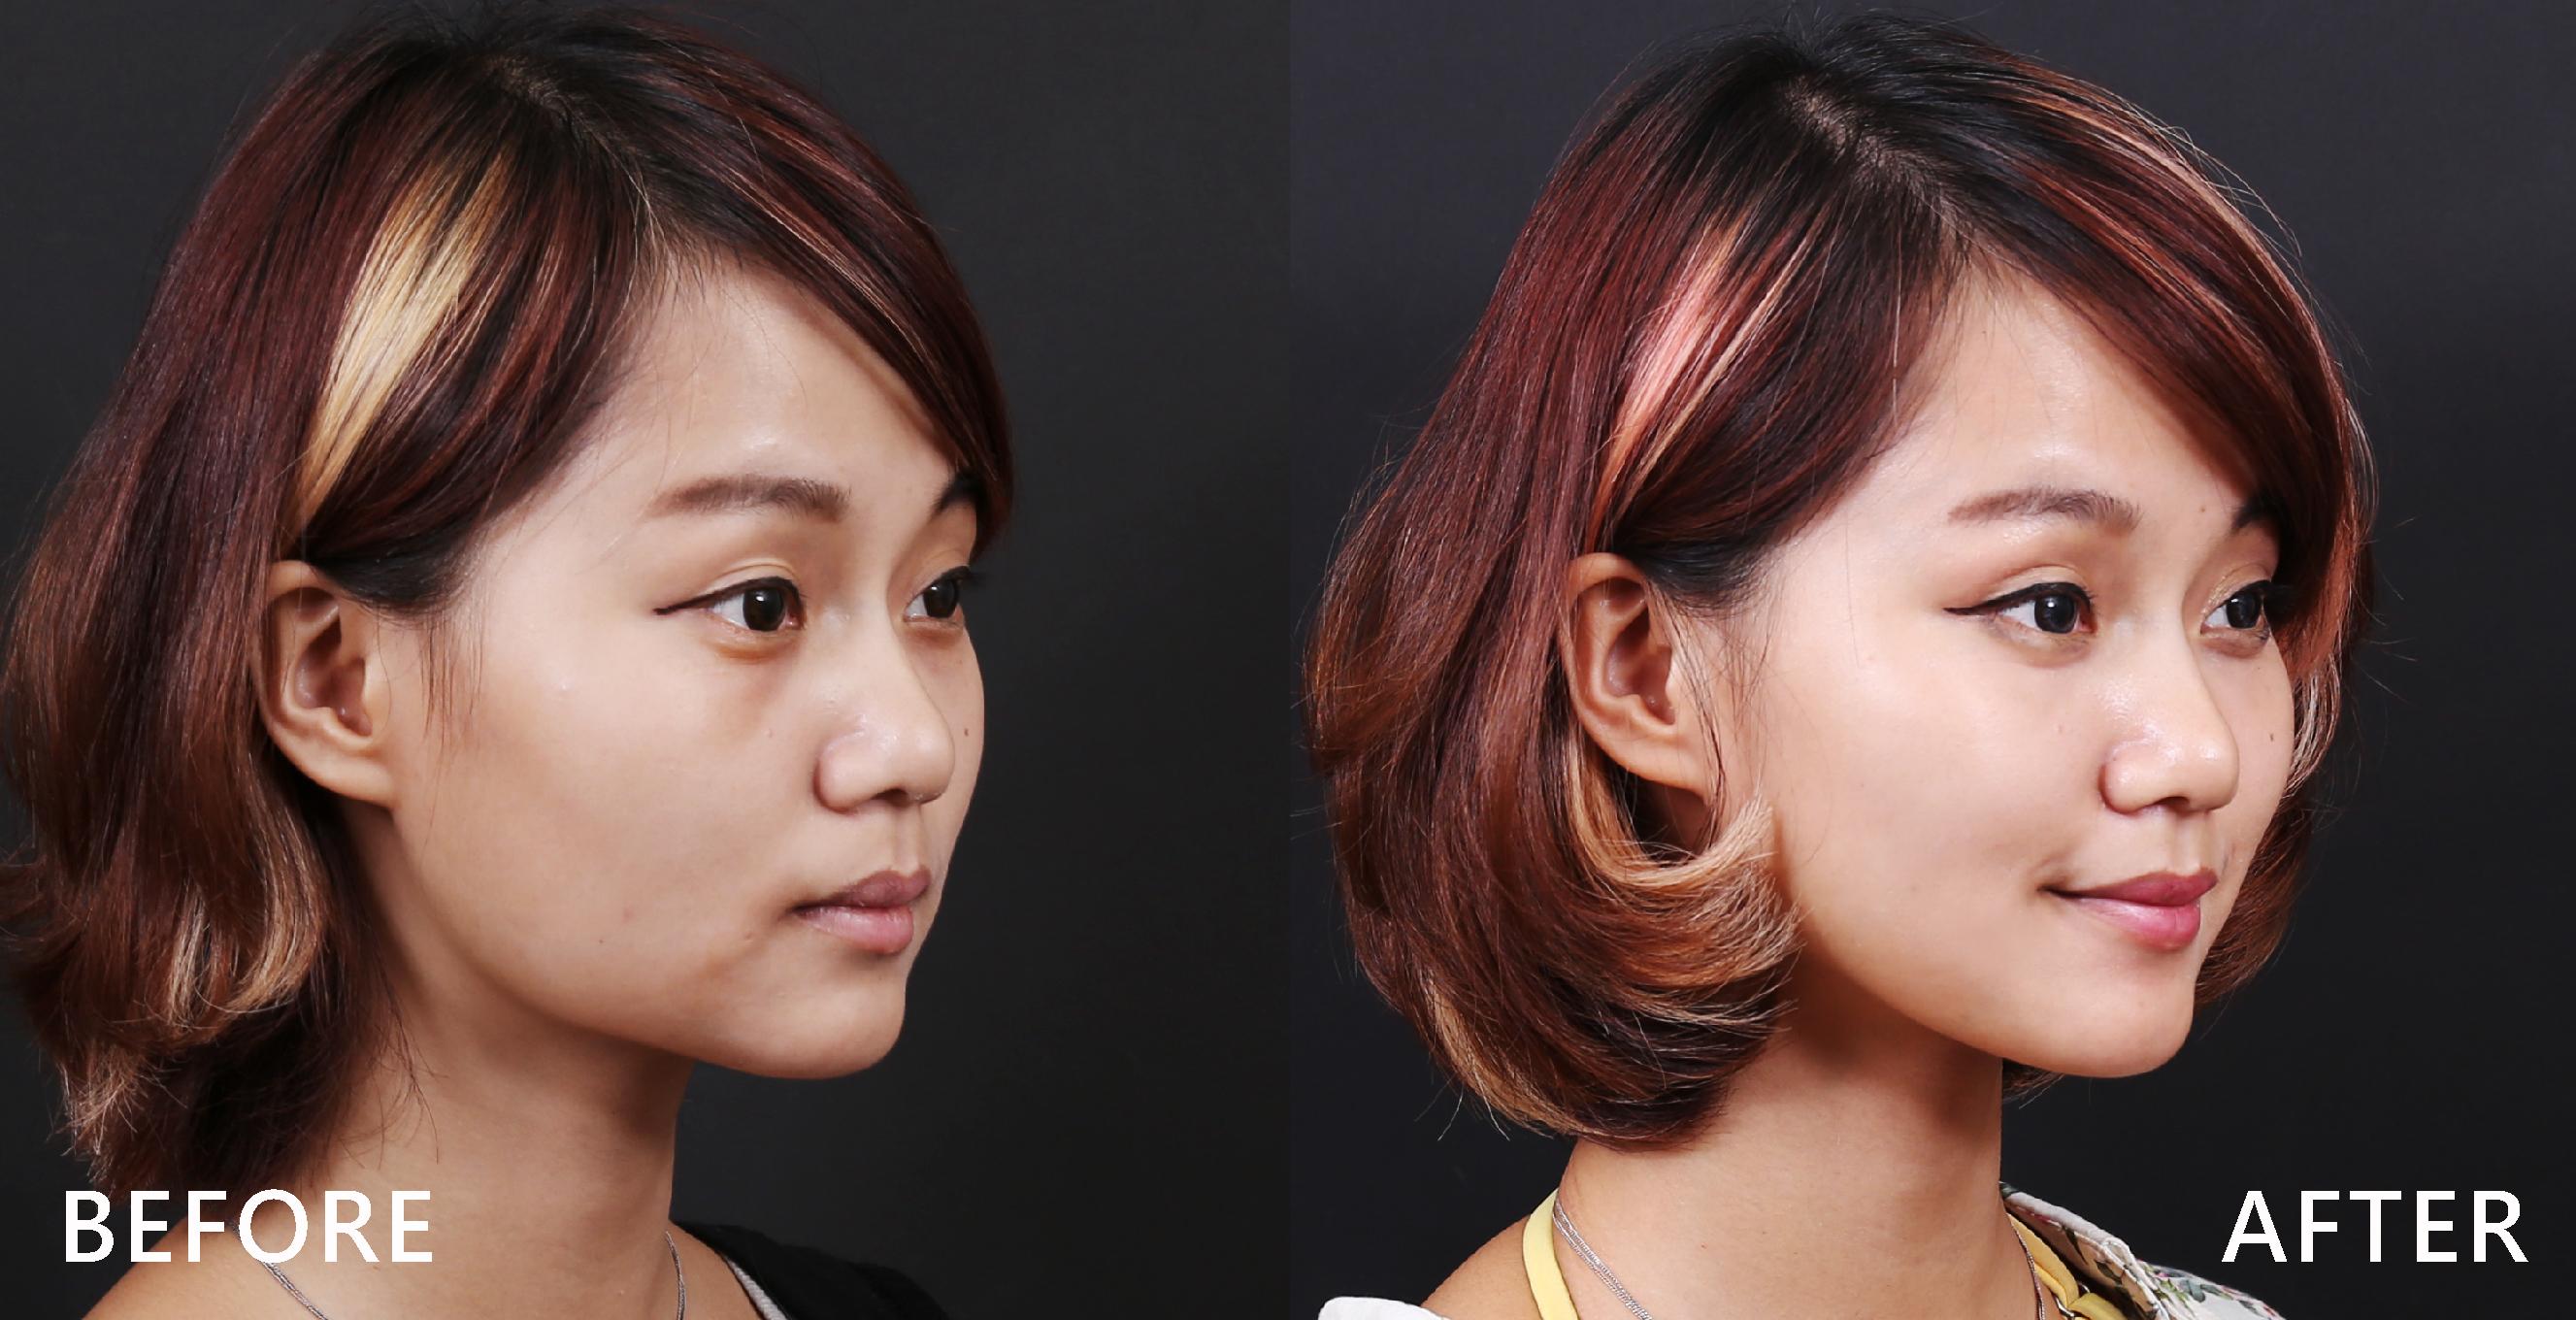 肉毒桿菌素可修飾嘴邊肉,改善鬆垮大臉。(本療程施打效果因人而異)